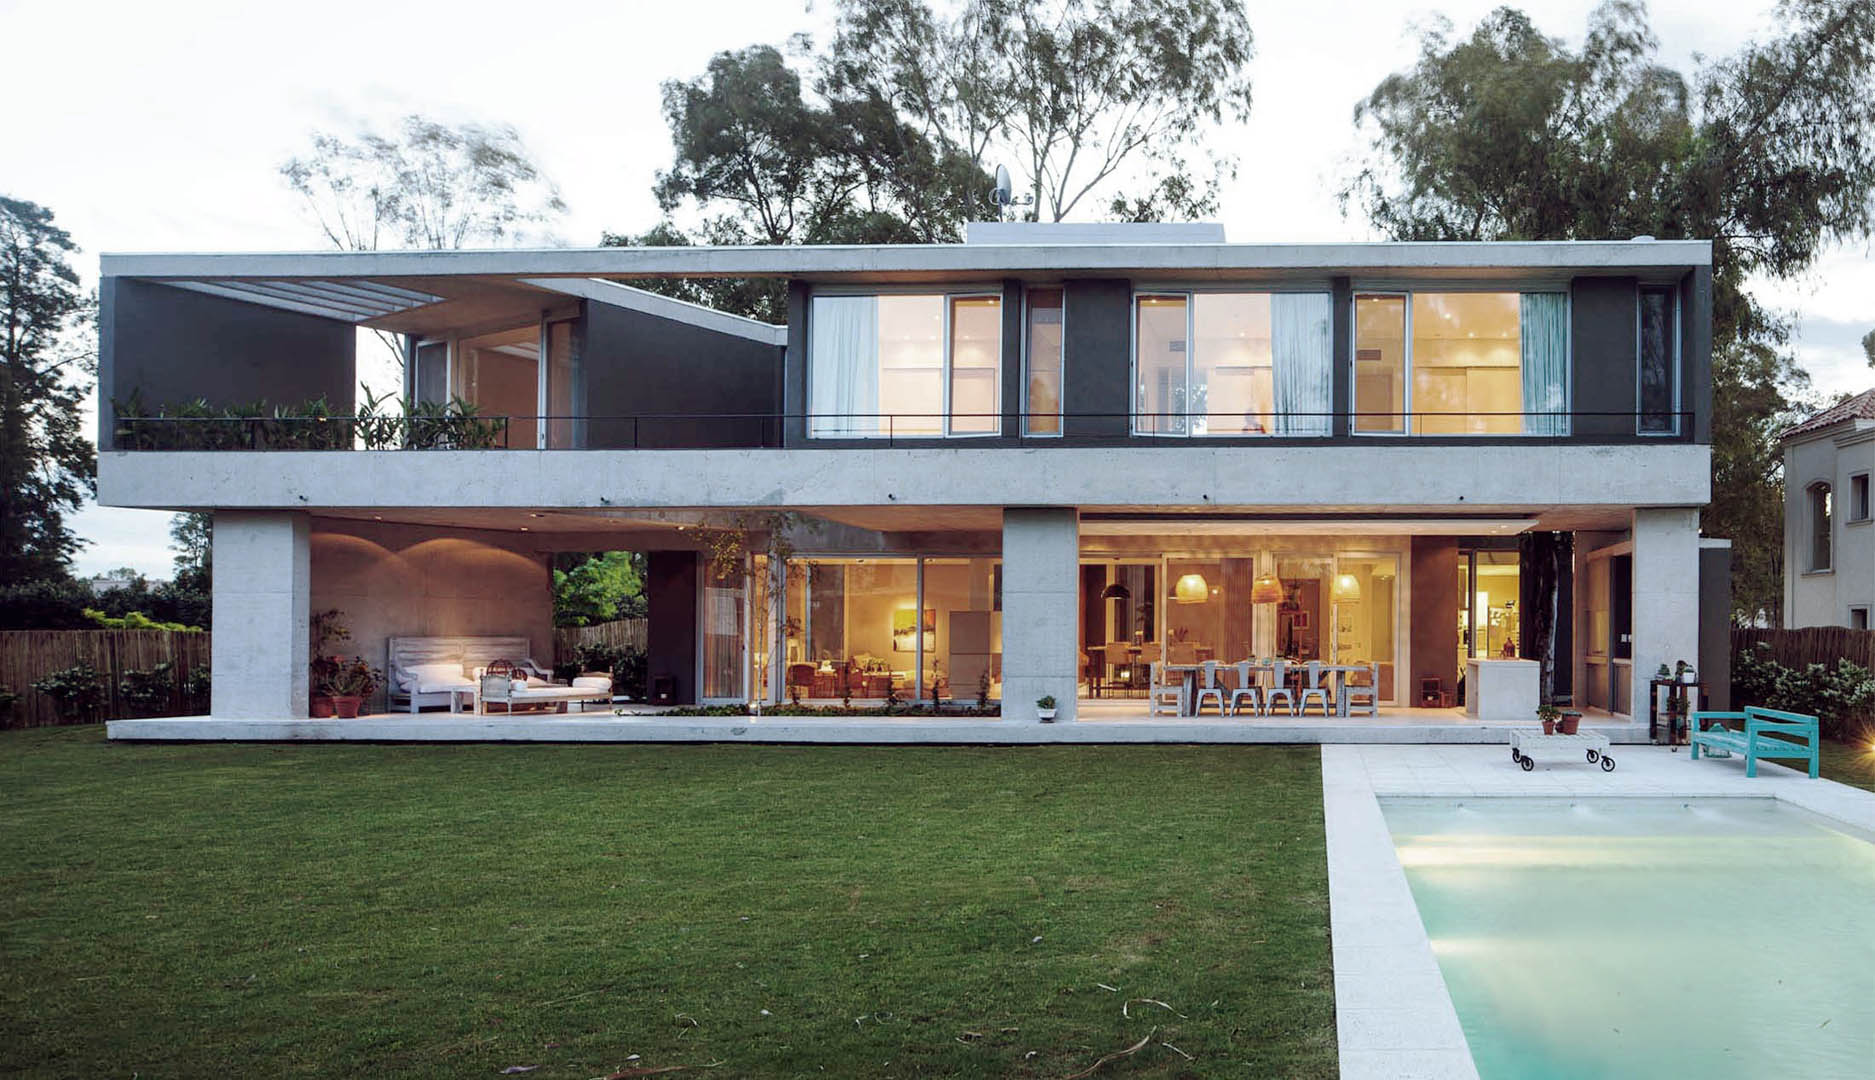 Amado cattaneo arquitectos casa estilo actual - Arquitectos casas modernas ...